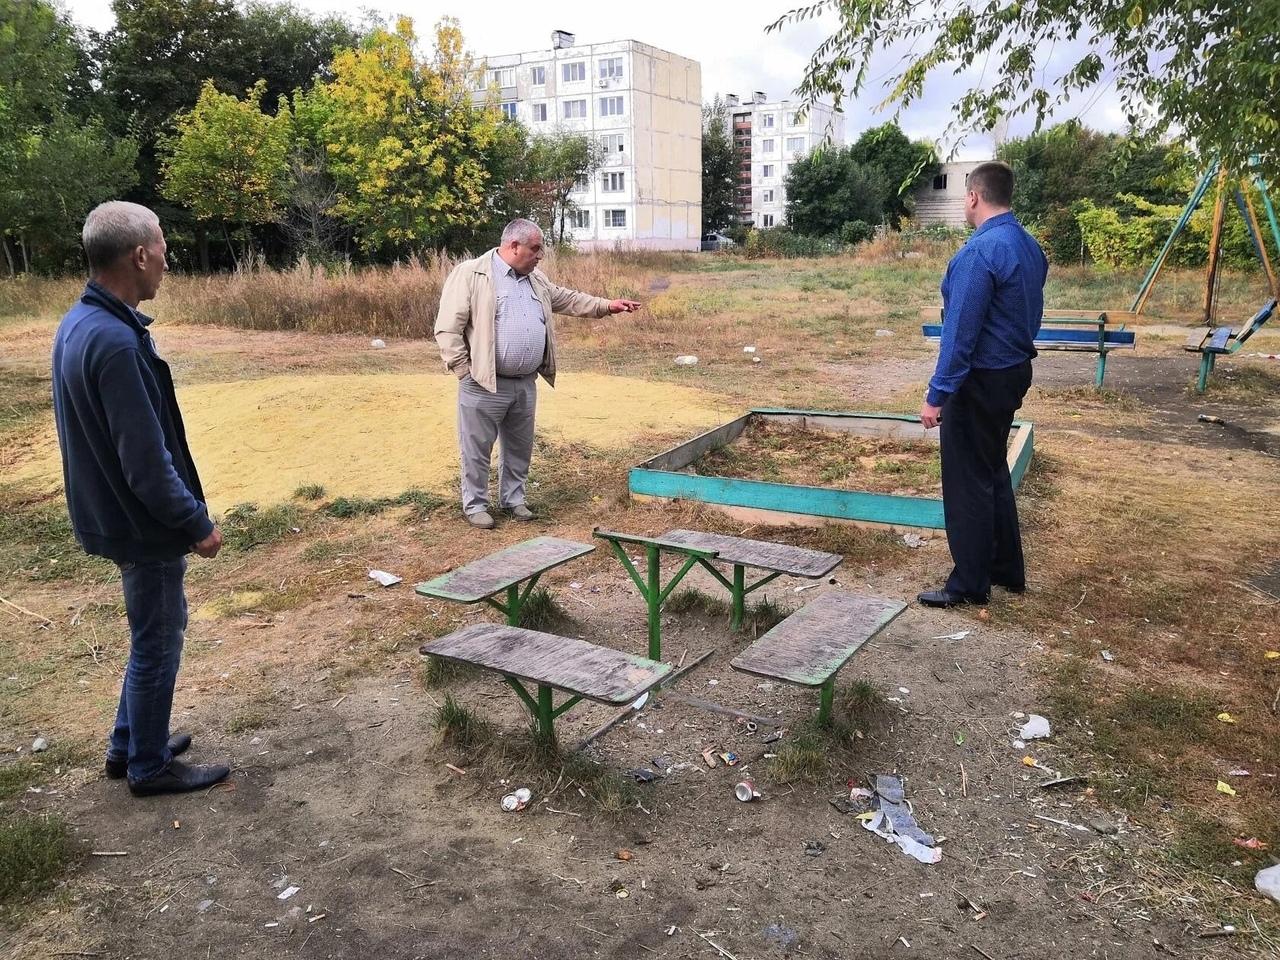 Сегодня в Петровске состоялось совещание по вопросу благоустройства территории Военного городка